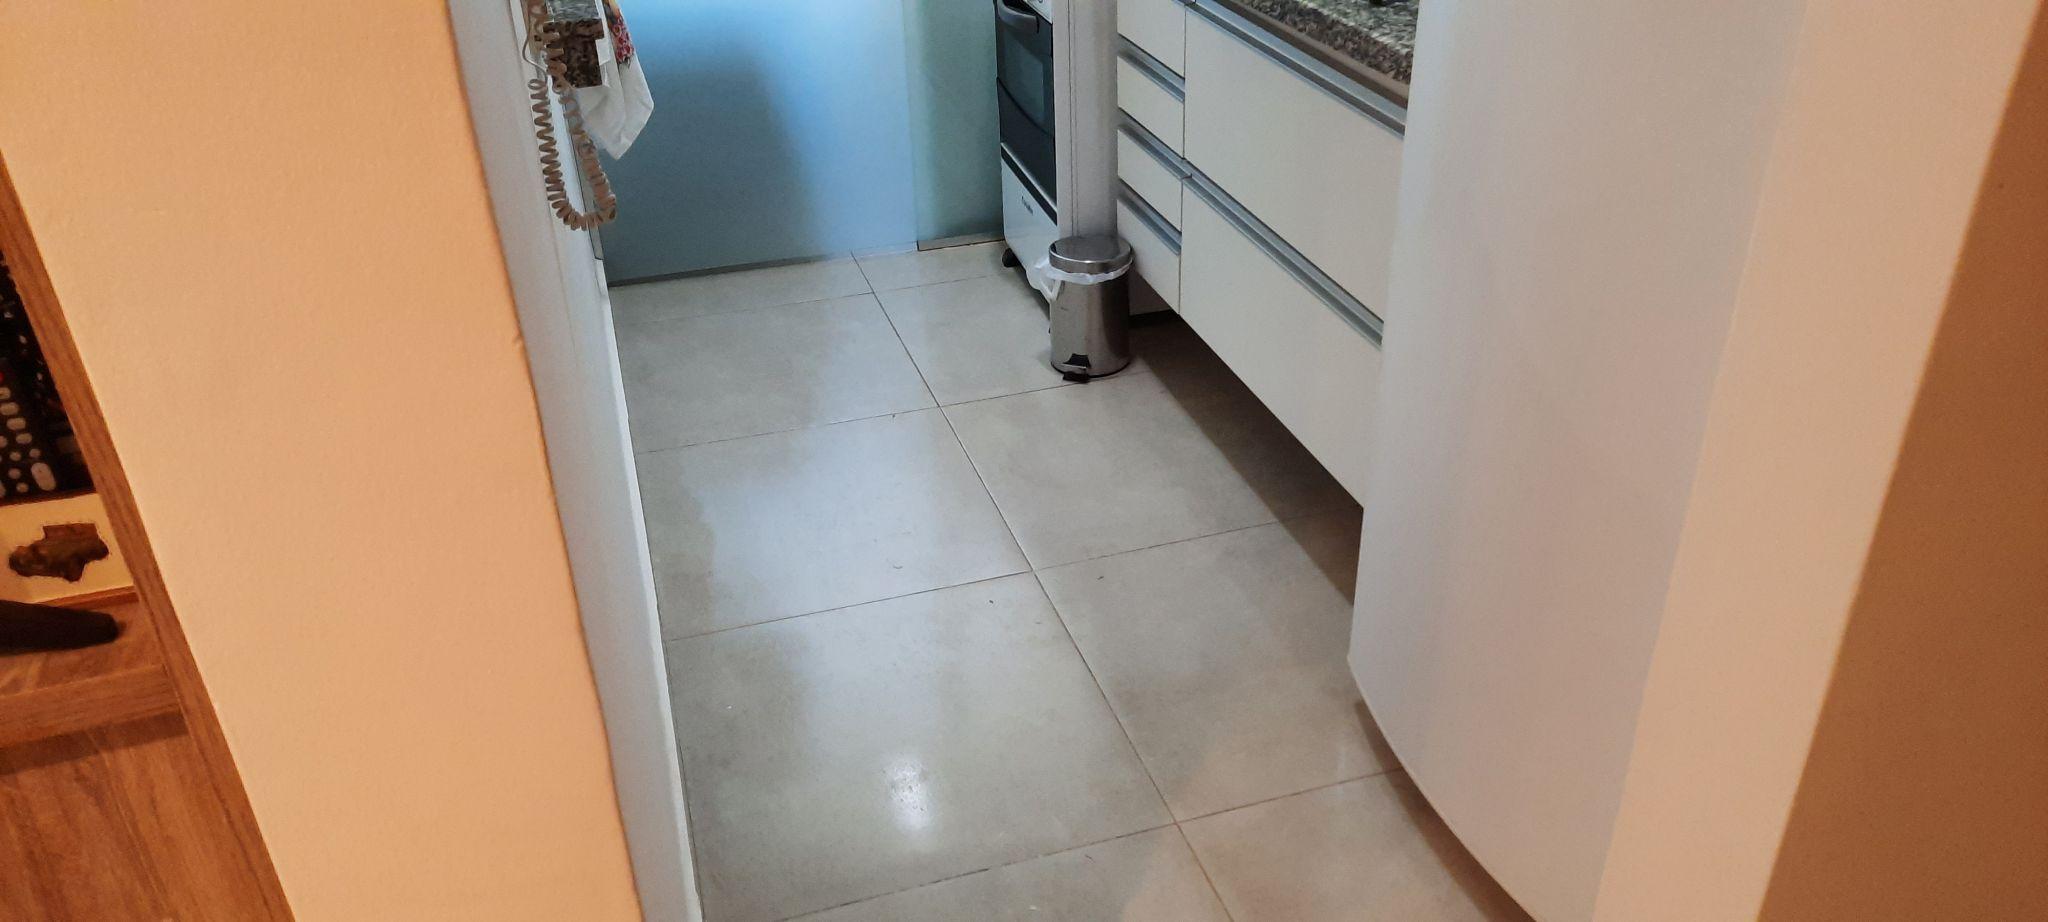 Meu 218 - Apto City Ribeirão 47 m²